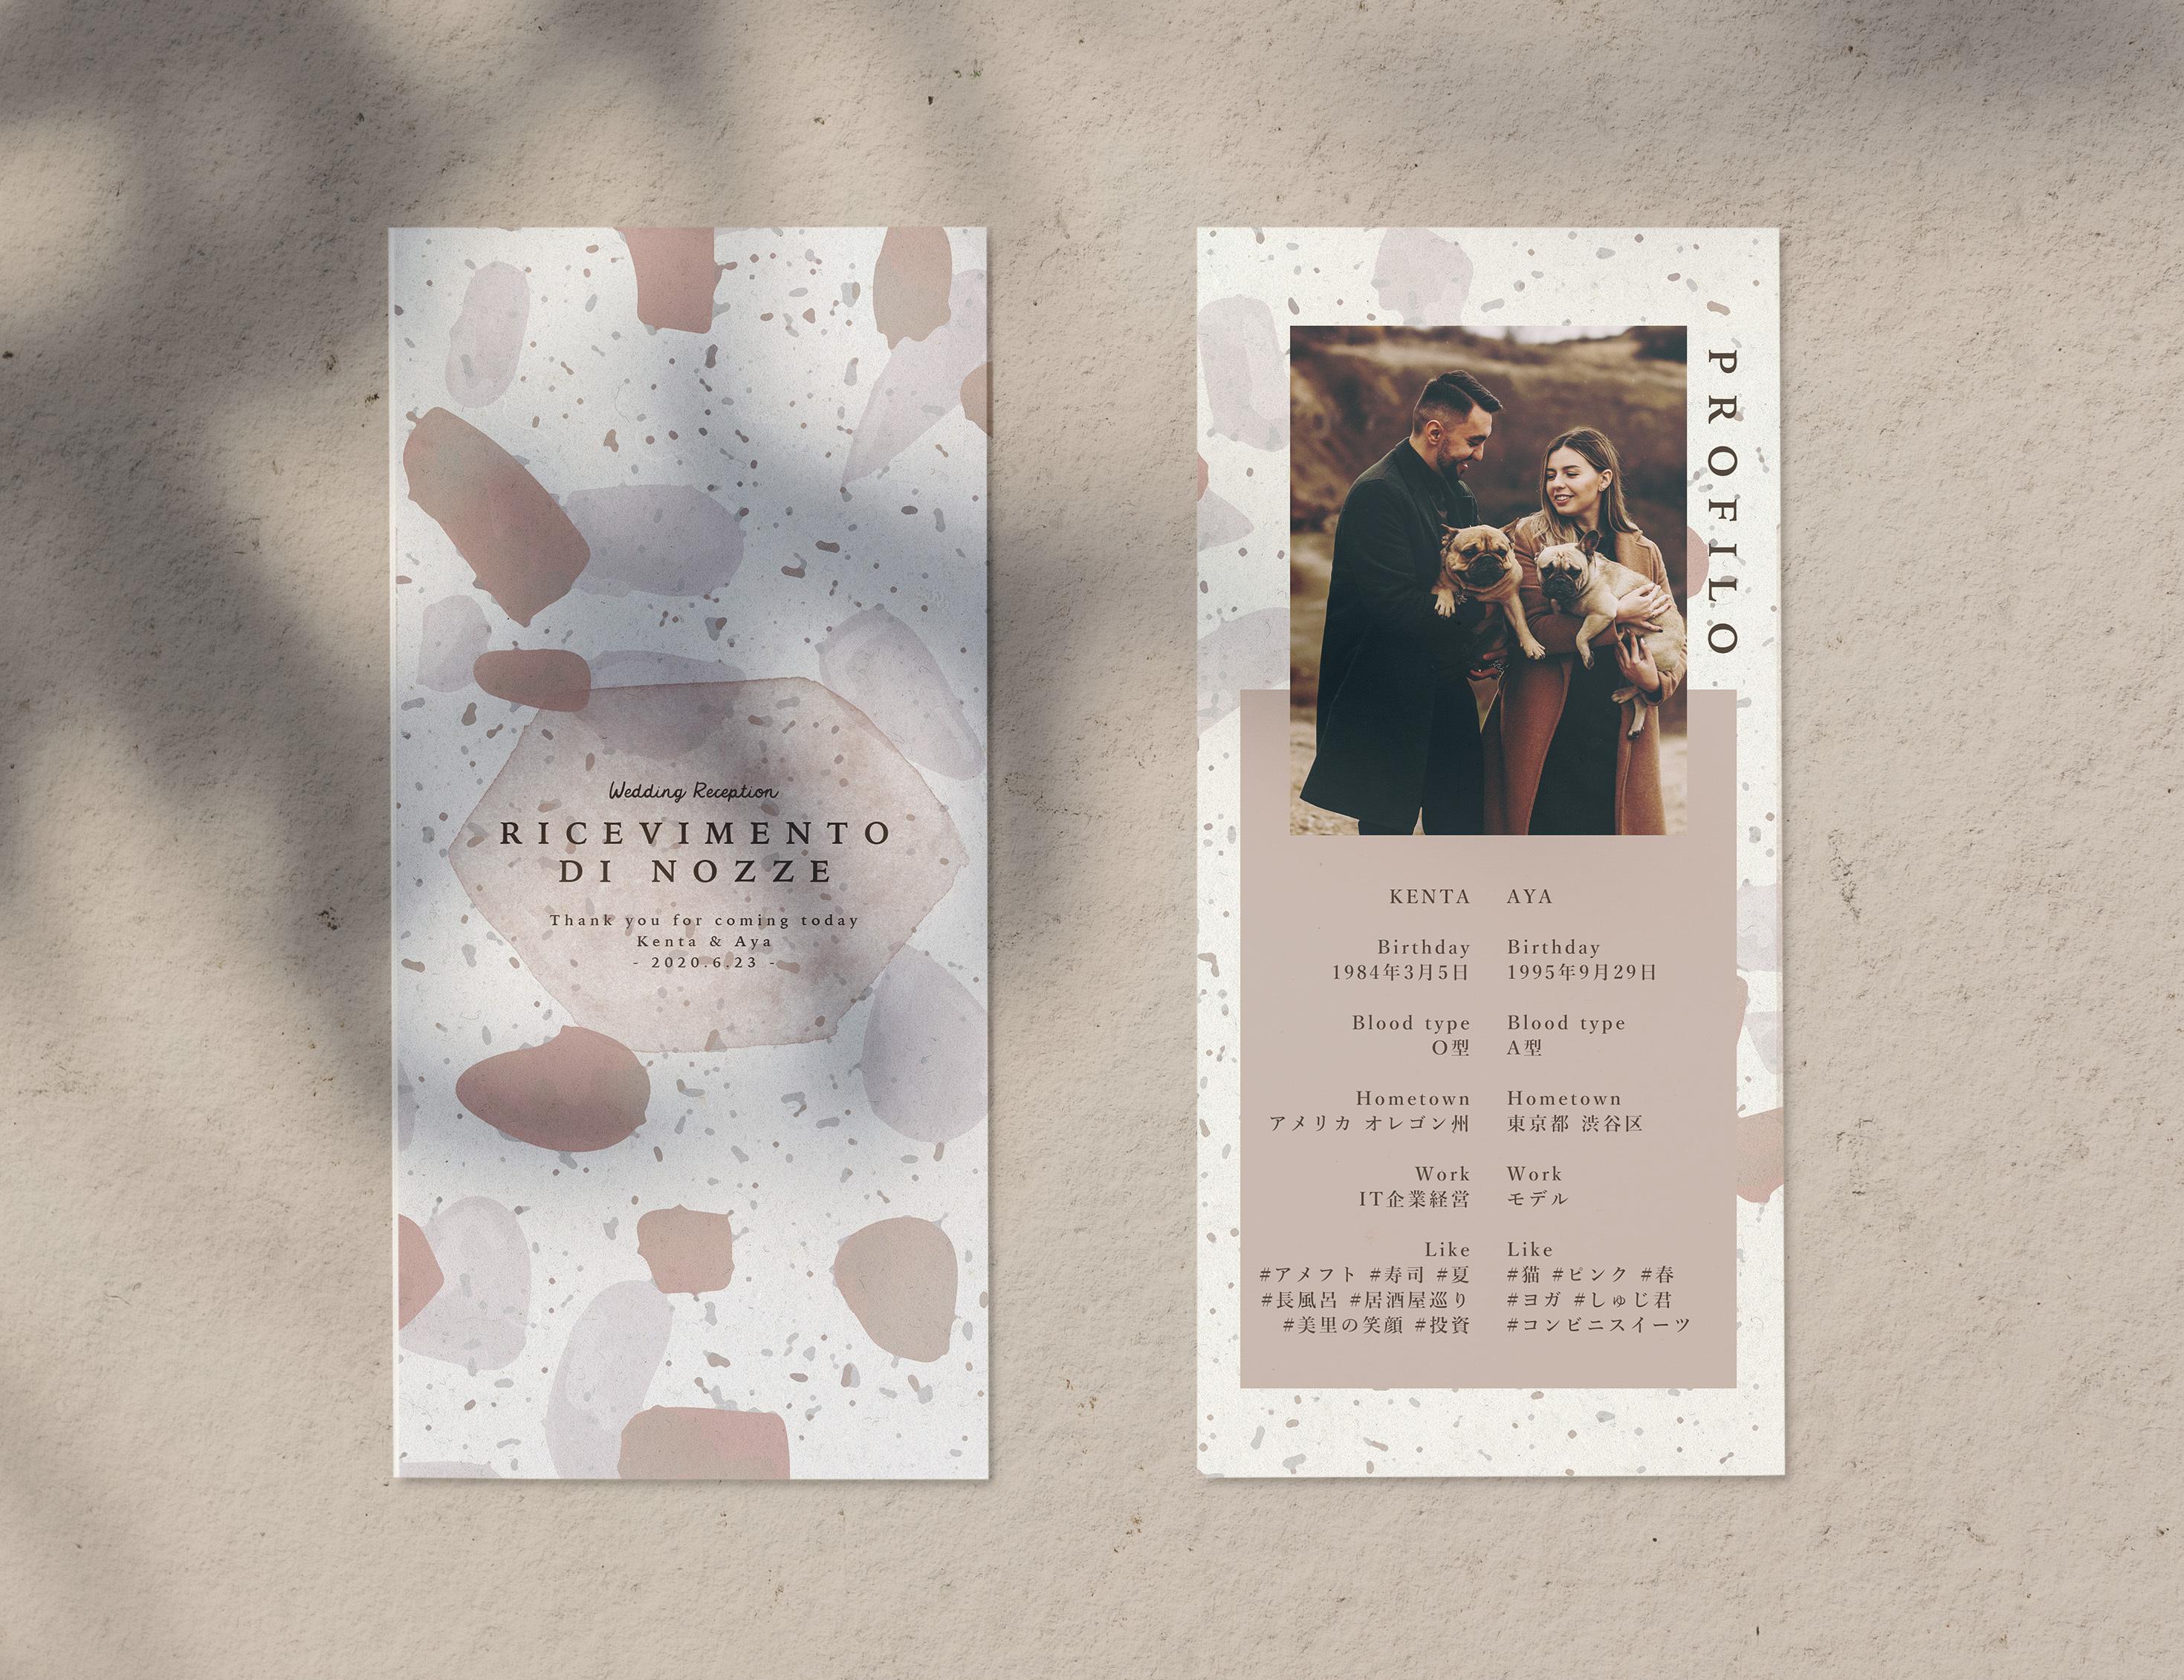 テラコッタカラー 席次表 169円~/部│ウェディング 結婚式 プロフィールブック